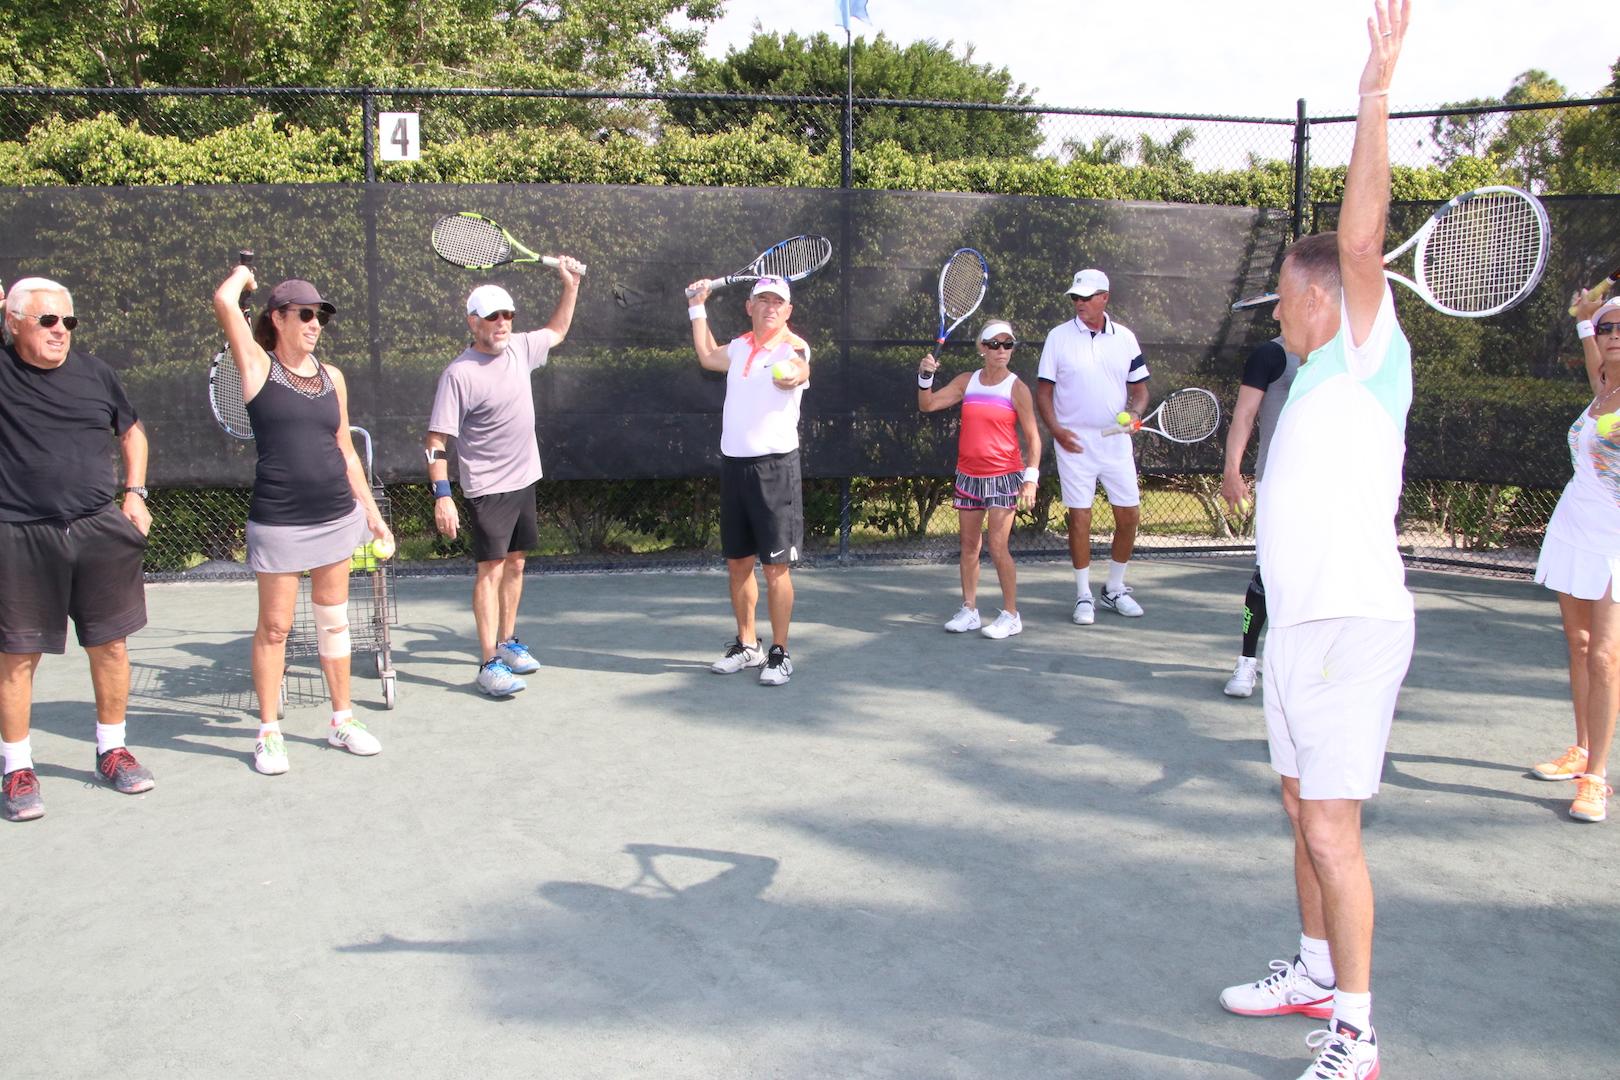 tennis-Pernforsteaching.JPG